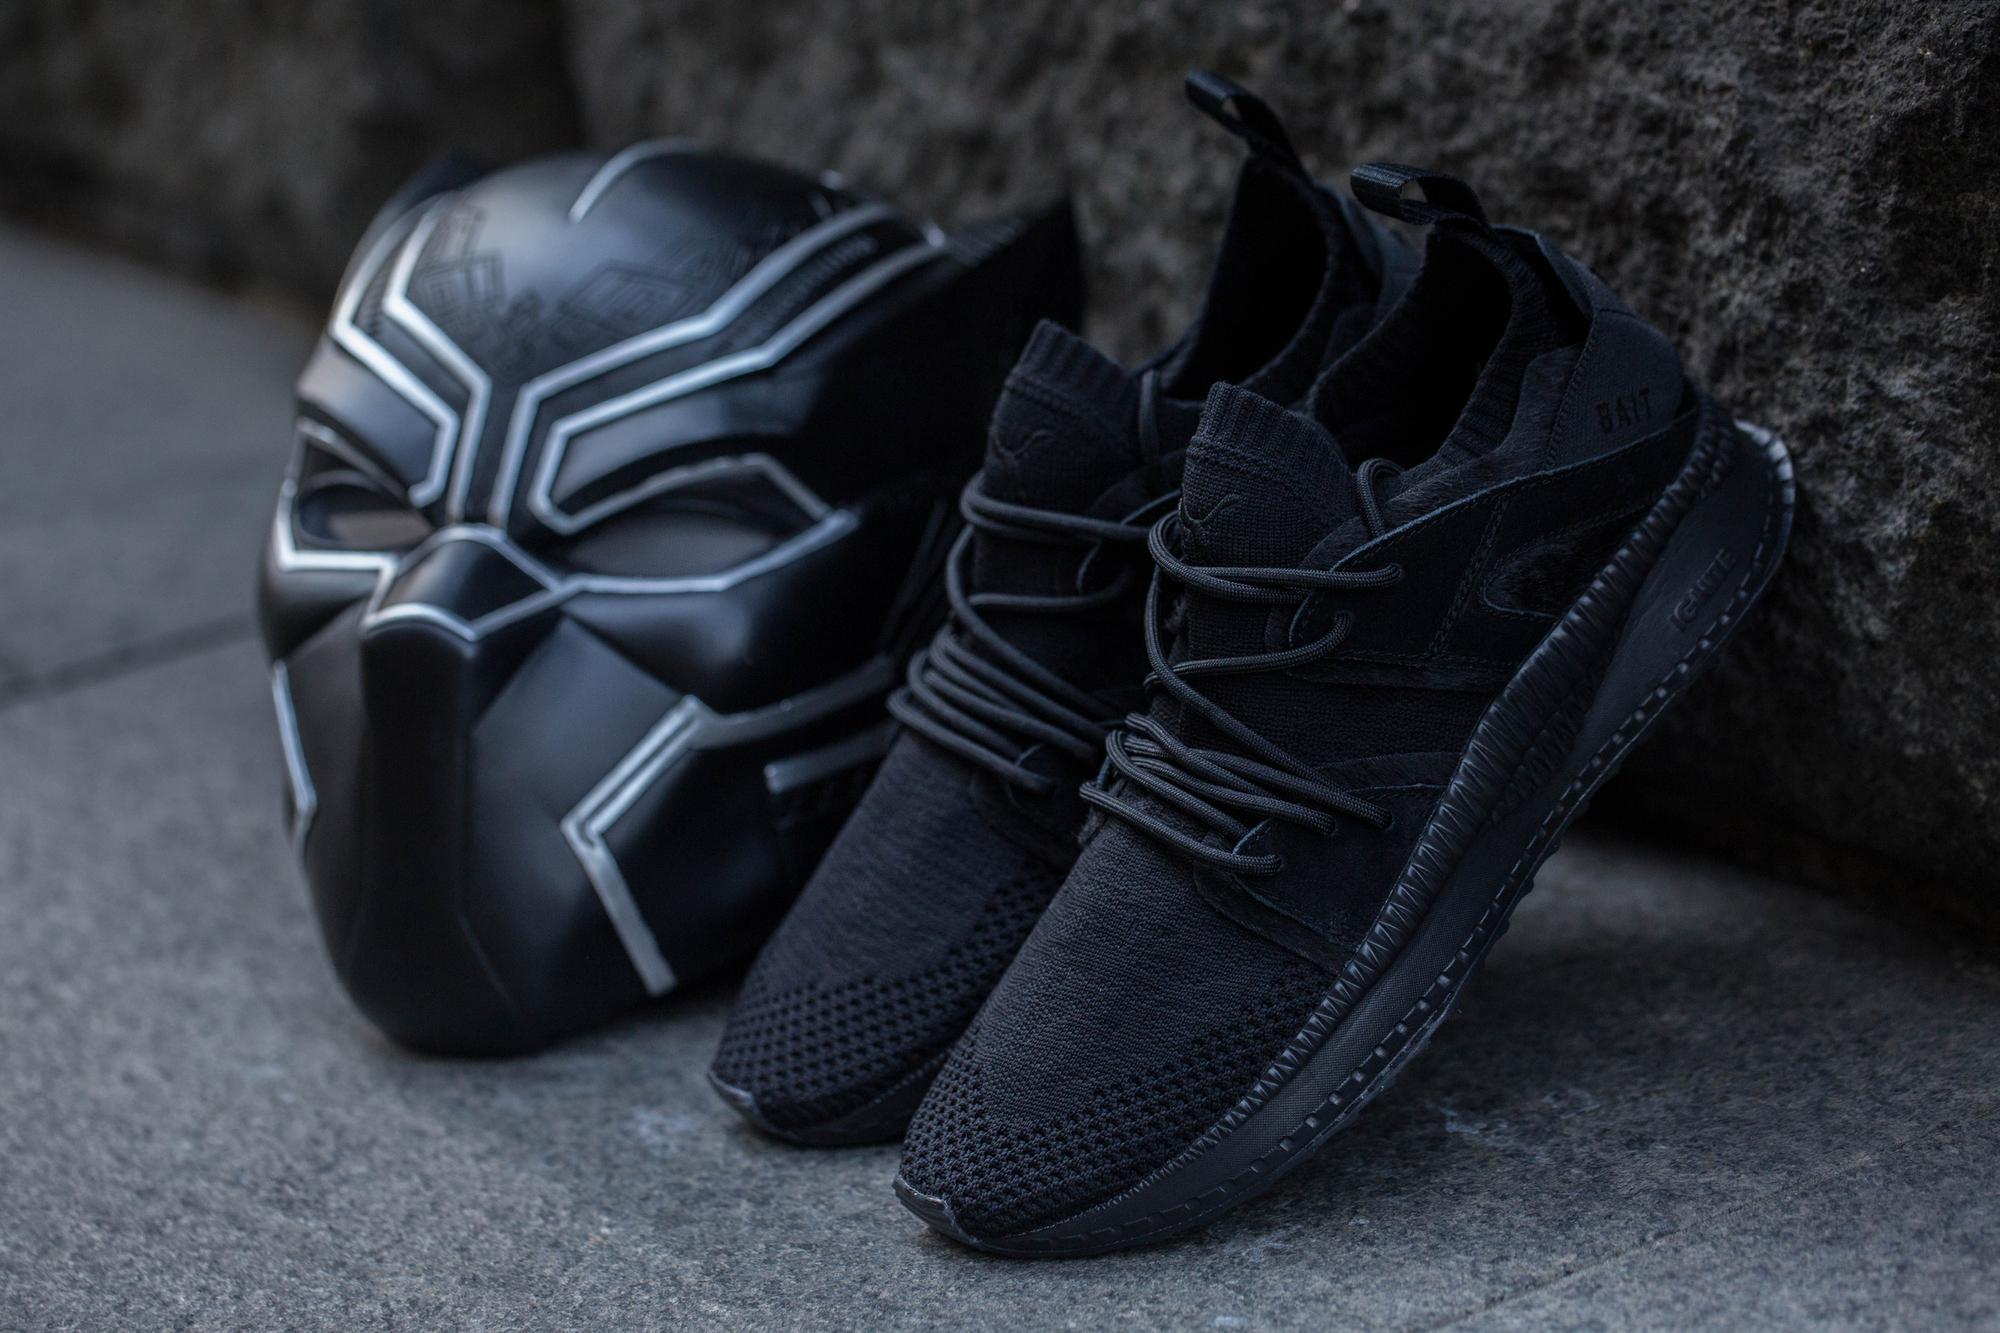 Marvel hợp tác Puma cho ra mắt BST sneakers Black Panther phiên bản giới hạn, tổng cộng 400 đôi trên toàn thế giới - Ảnh 3.